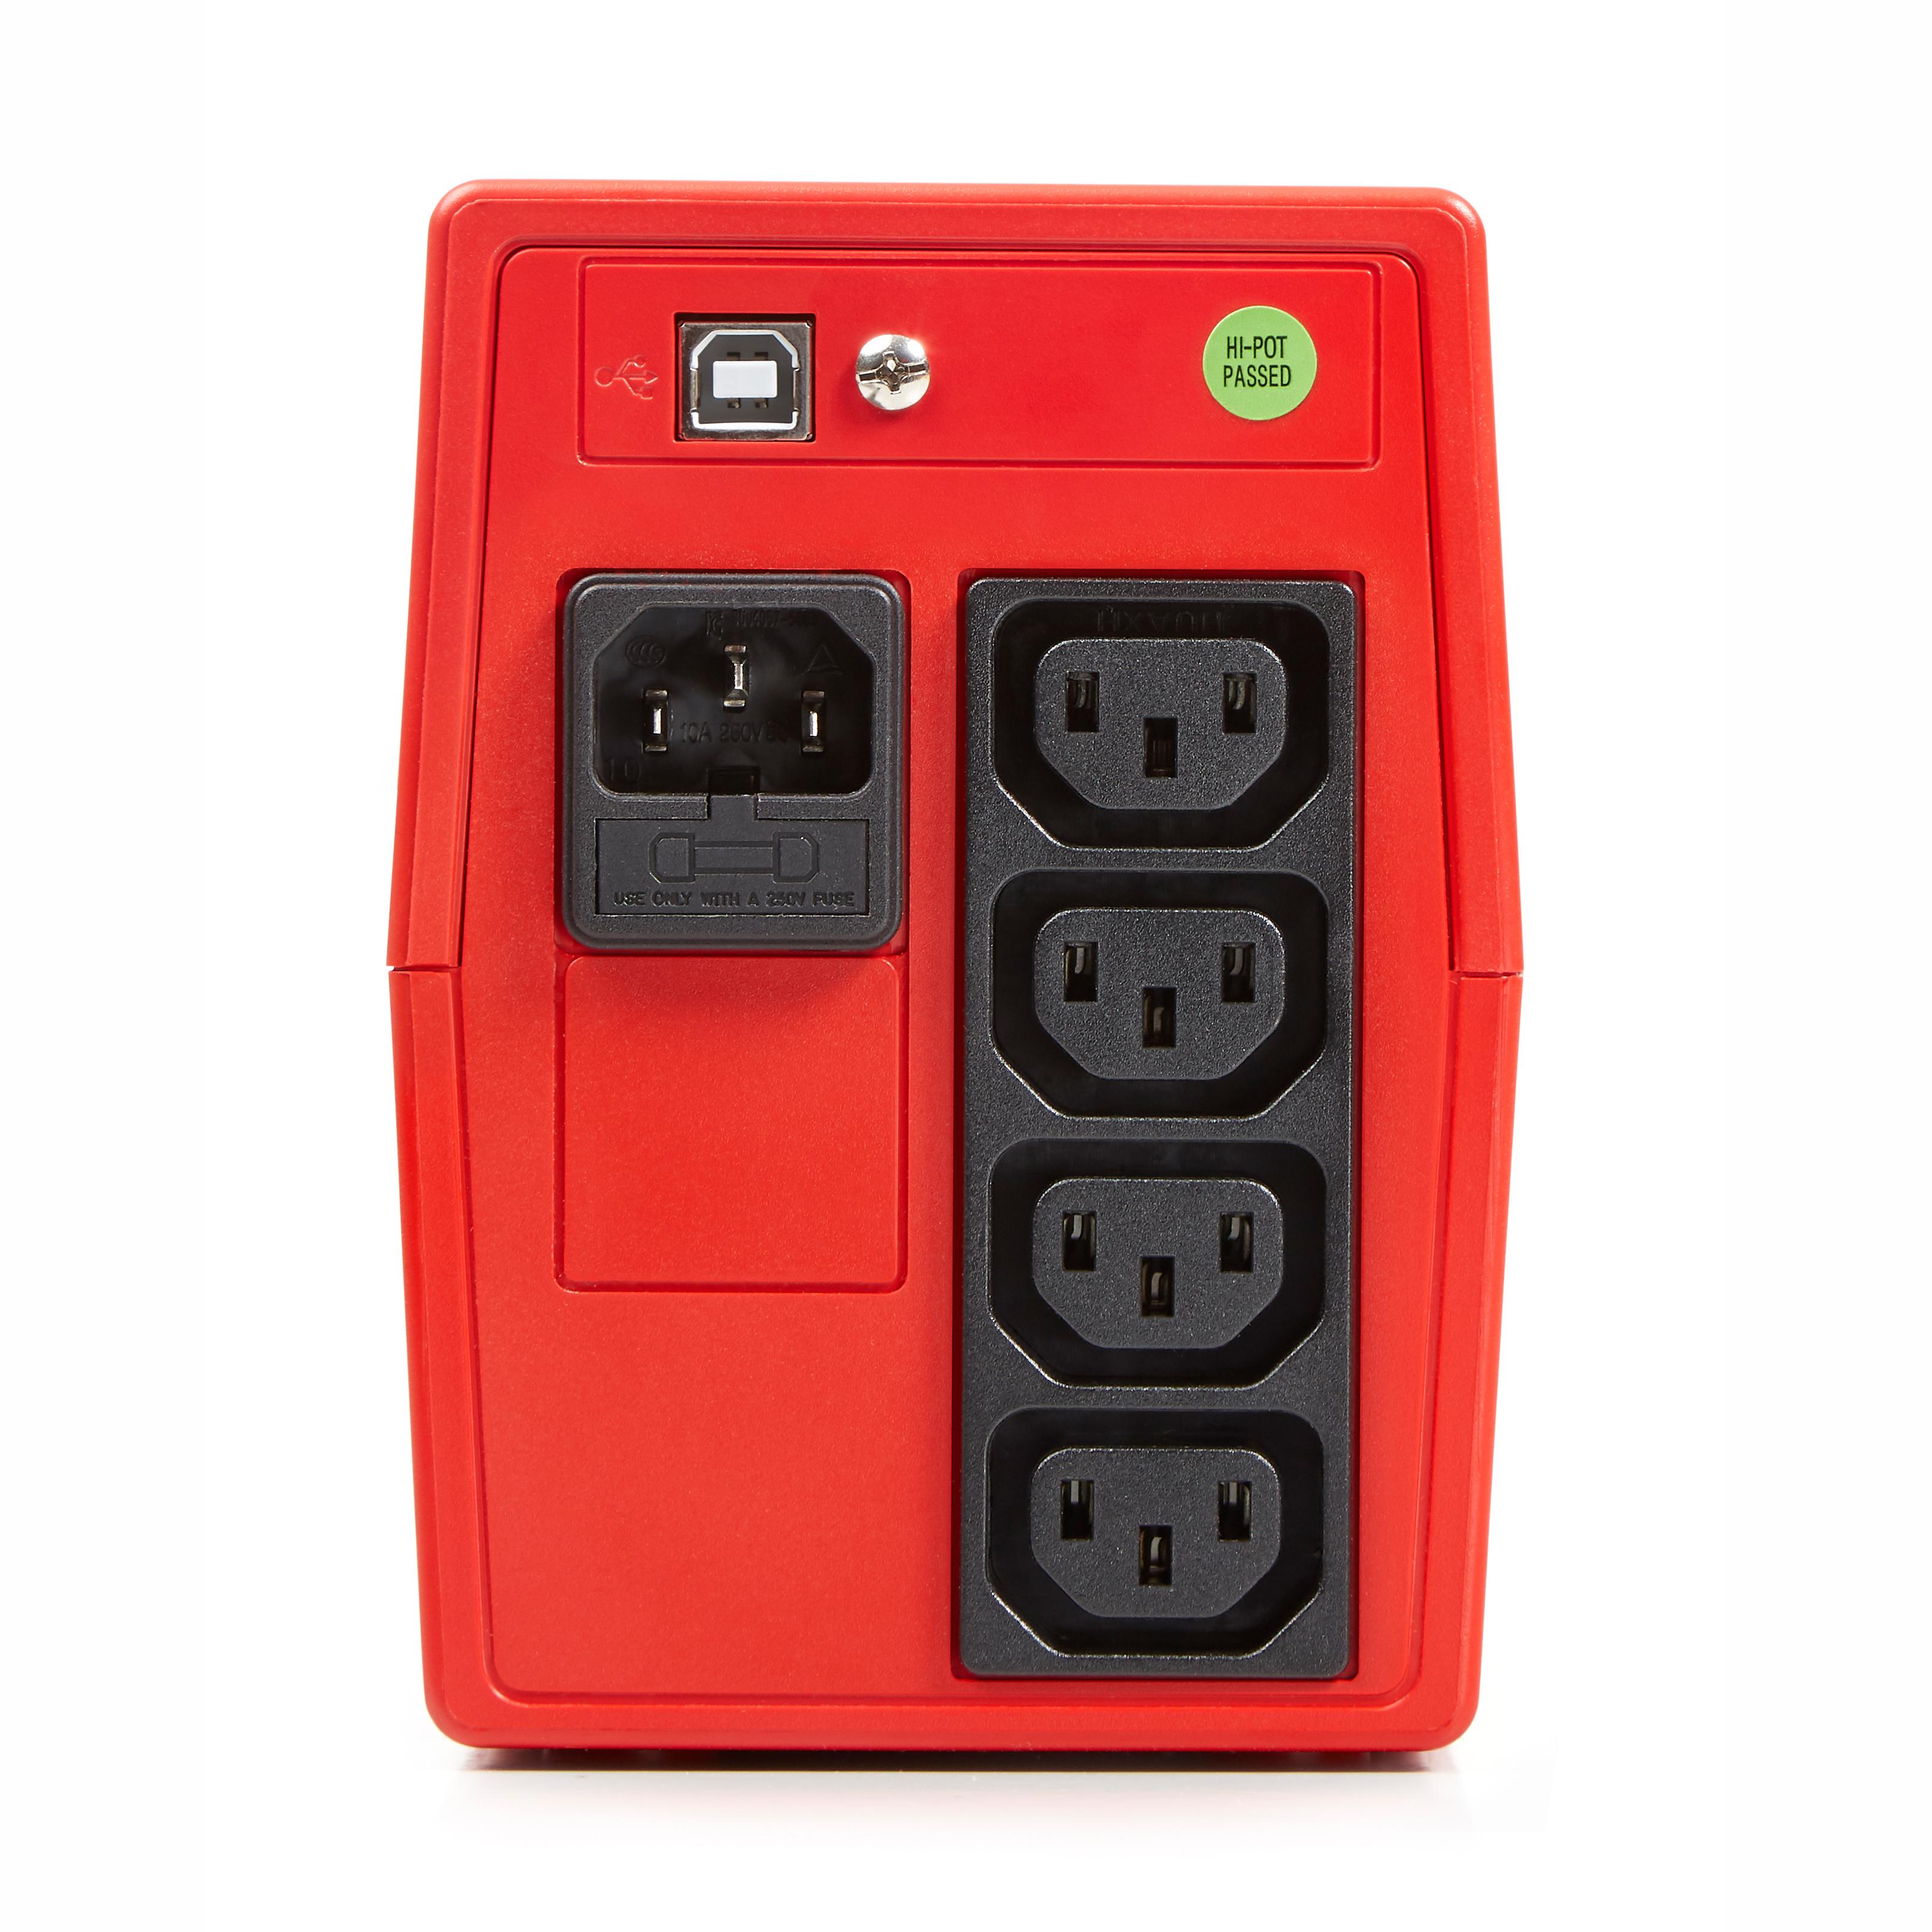 SALICRU USV SPS 900 ONE IEC, Line Int, 2 Plugs, 900VA/480W - (Offline-) USV - (Offline-) USV